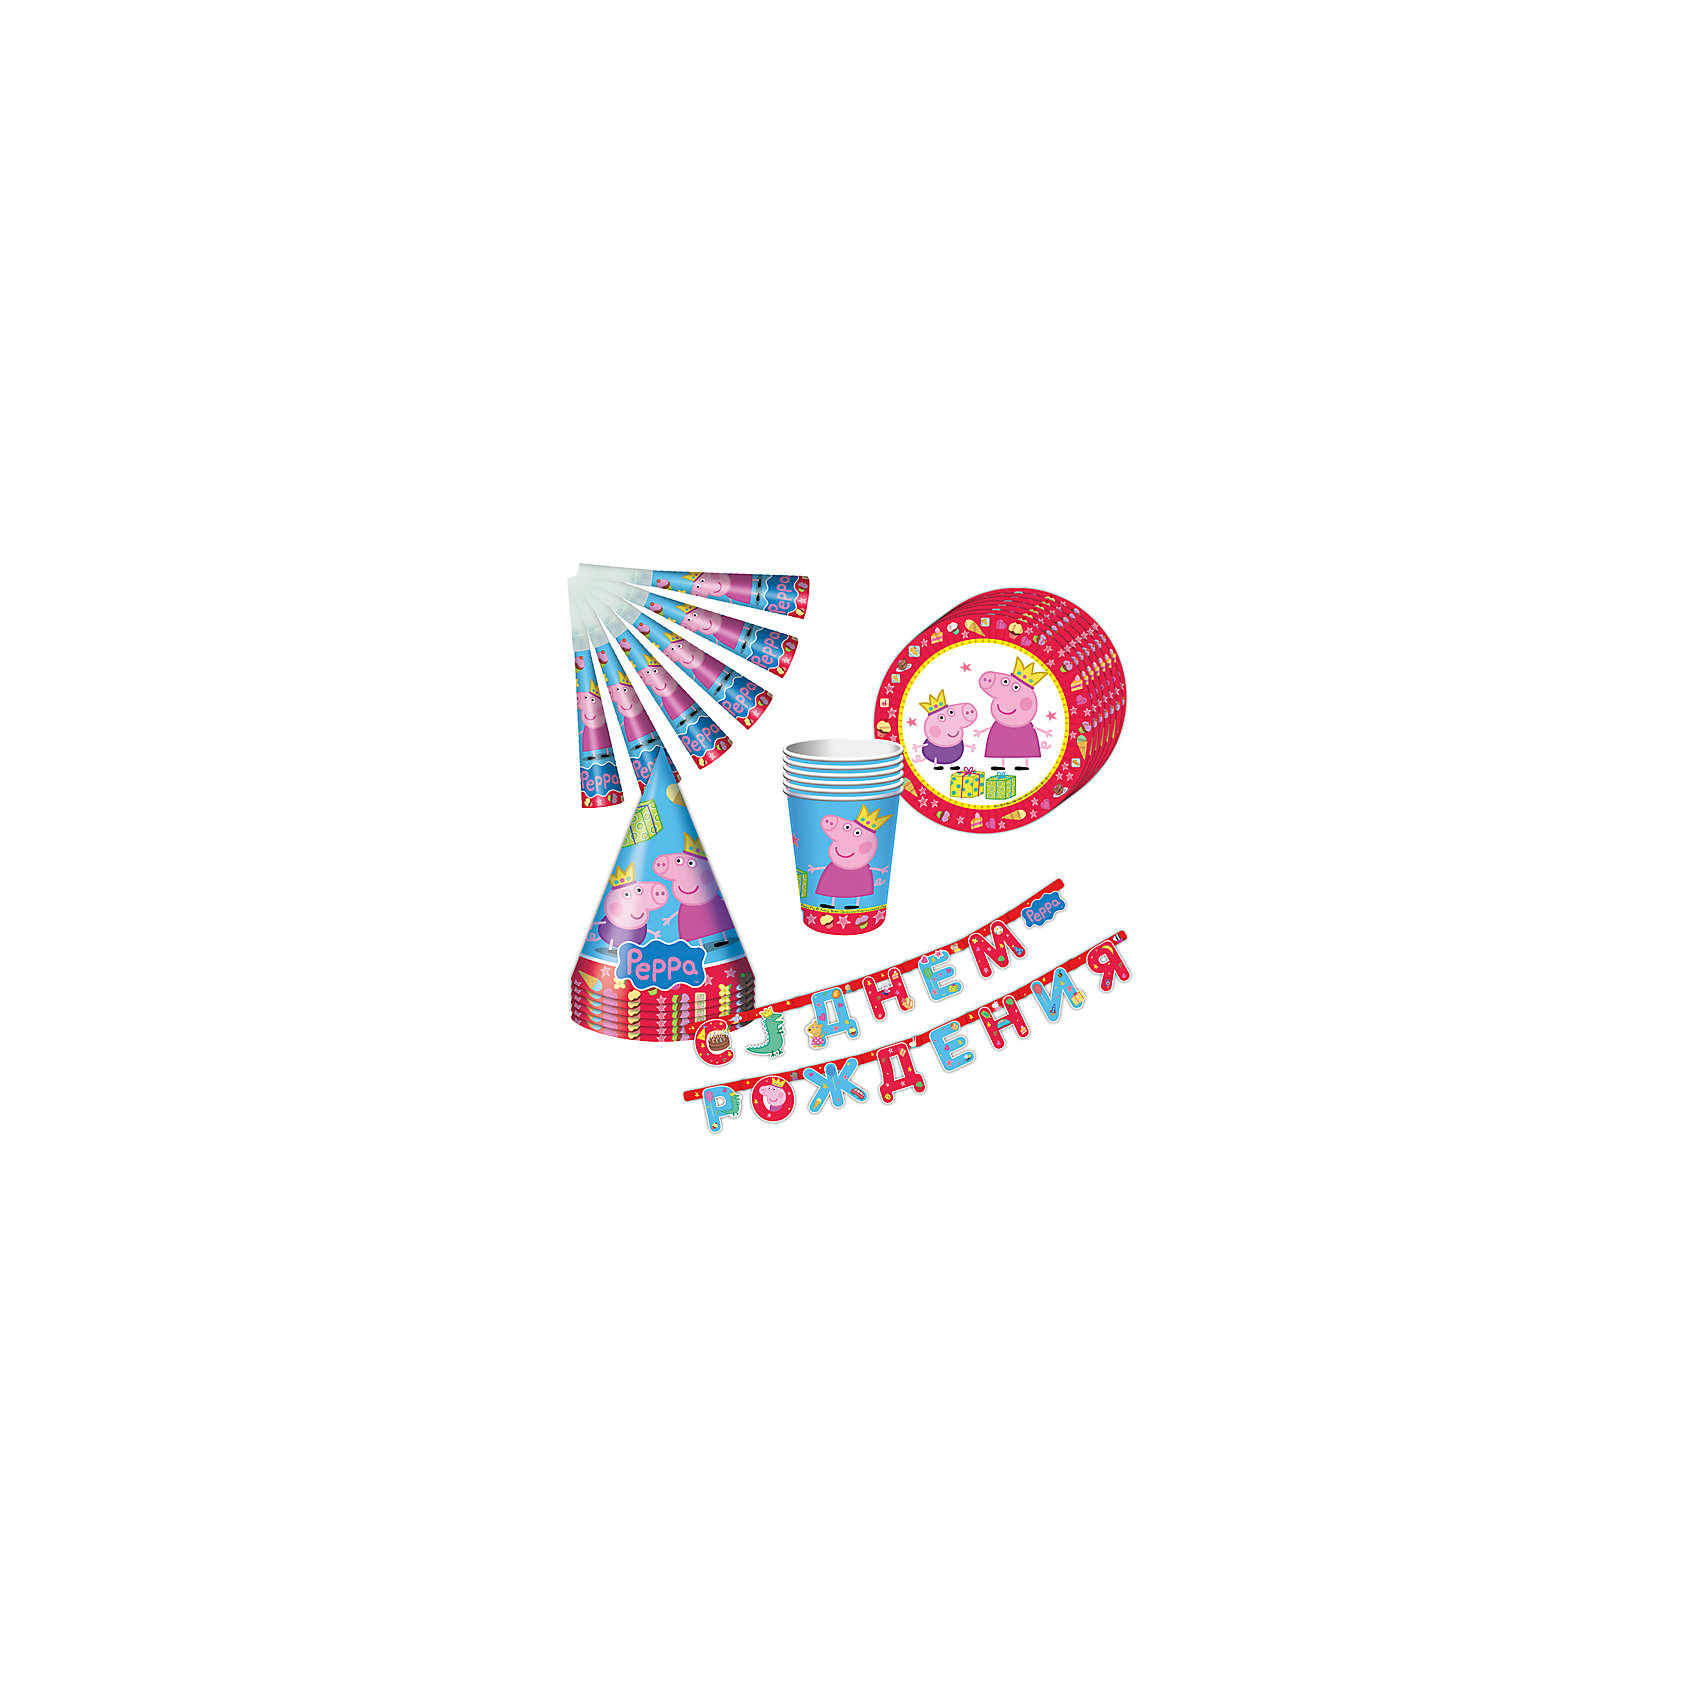 Набор посуды Пеппа-принцесса (25 предметов)Свинка Пеппа<br>Набор посуды Пеппа-принцесса (25 предметов) - этот красочный набор послужит идеальным решением для проведения дня рождения.<br>С набором «Пеппа-принцесса» День Рождения ребенка станет по-настоящему незабываемым! Красочный дизайн с веселой свинкой поднимет настроение всем: и детям, и даже взрослым. Гирлянда преобразит помещение, колпачки и дудочки помогут организовать множество увлекательных игр. А красивая посуда ярко украсит стол и принесет практическую пользу: одноразовые тарелки и стаканы почти невесомы, не могут разбиться, их не надо мыть. Сделанная из бумаги, такая посуда абсолютно безопасна и, благодаря специальному покрытию, прекрасно удерживает еду и напитки.<br><br>Дополнительная информация:<br><br>- В наборе 25 предметов на 6 персон: 6 тарелок диаметром 23 см, 6 стаканов объемом 210 мл, 6 бумажных колпачков на резинках, 6 бумажных дудочек, 1 бумажная гирлянда с надписью «С Днем Рождения» длиной 2,5 м<br>- Материал: бумага<br>- Упаковка: красочная подарочная коробка<br>- Размер упаковки: 300 х 330 x 80 мм.<br>- Вес: 300 гр.<br><br>Набор посуды Пеппа-принцесса (25 предметов) можно купить в нашем интернет-магазине.<br><br>Ширина мм: 400<br>Глубина мм: 200<br>Высота мм: 200<br>Вес г: 300<br>Возраст от месяцев: 36<br>Возраст до месяцев: 84<br>Пол: Унисекс<br>Возраст: Детский<br>SKU: 4278309